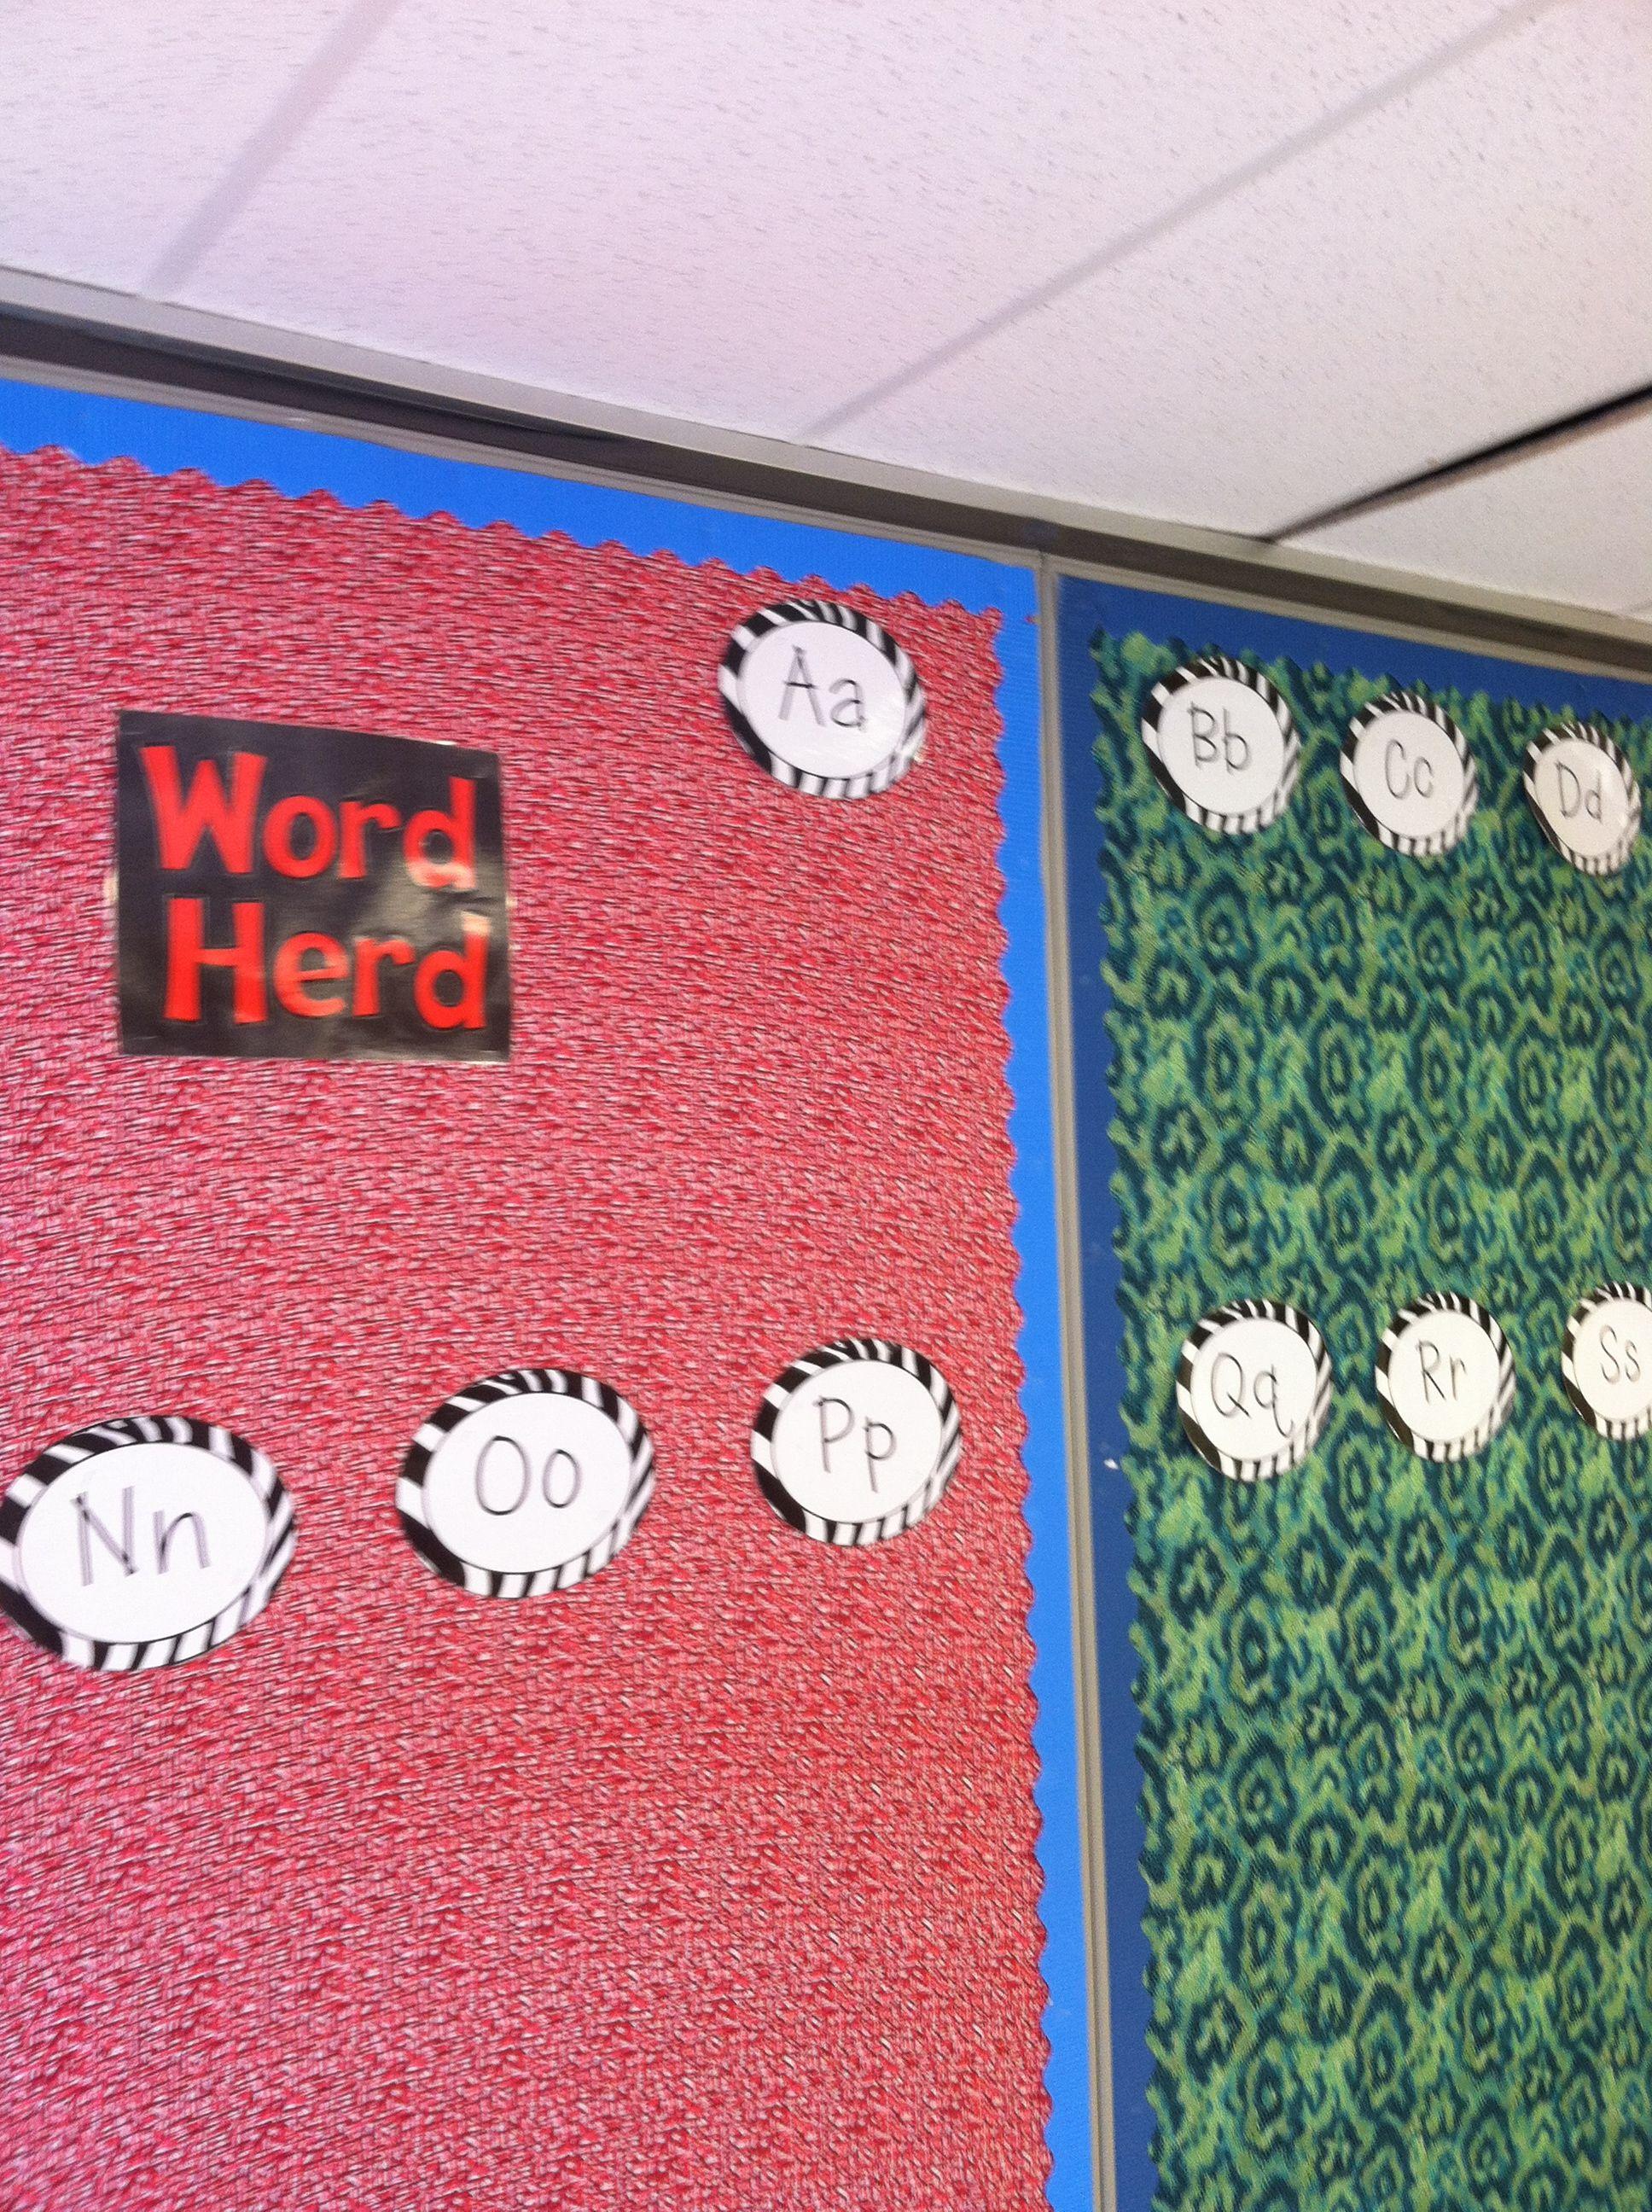 Word Herd